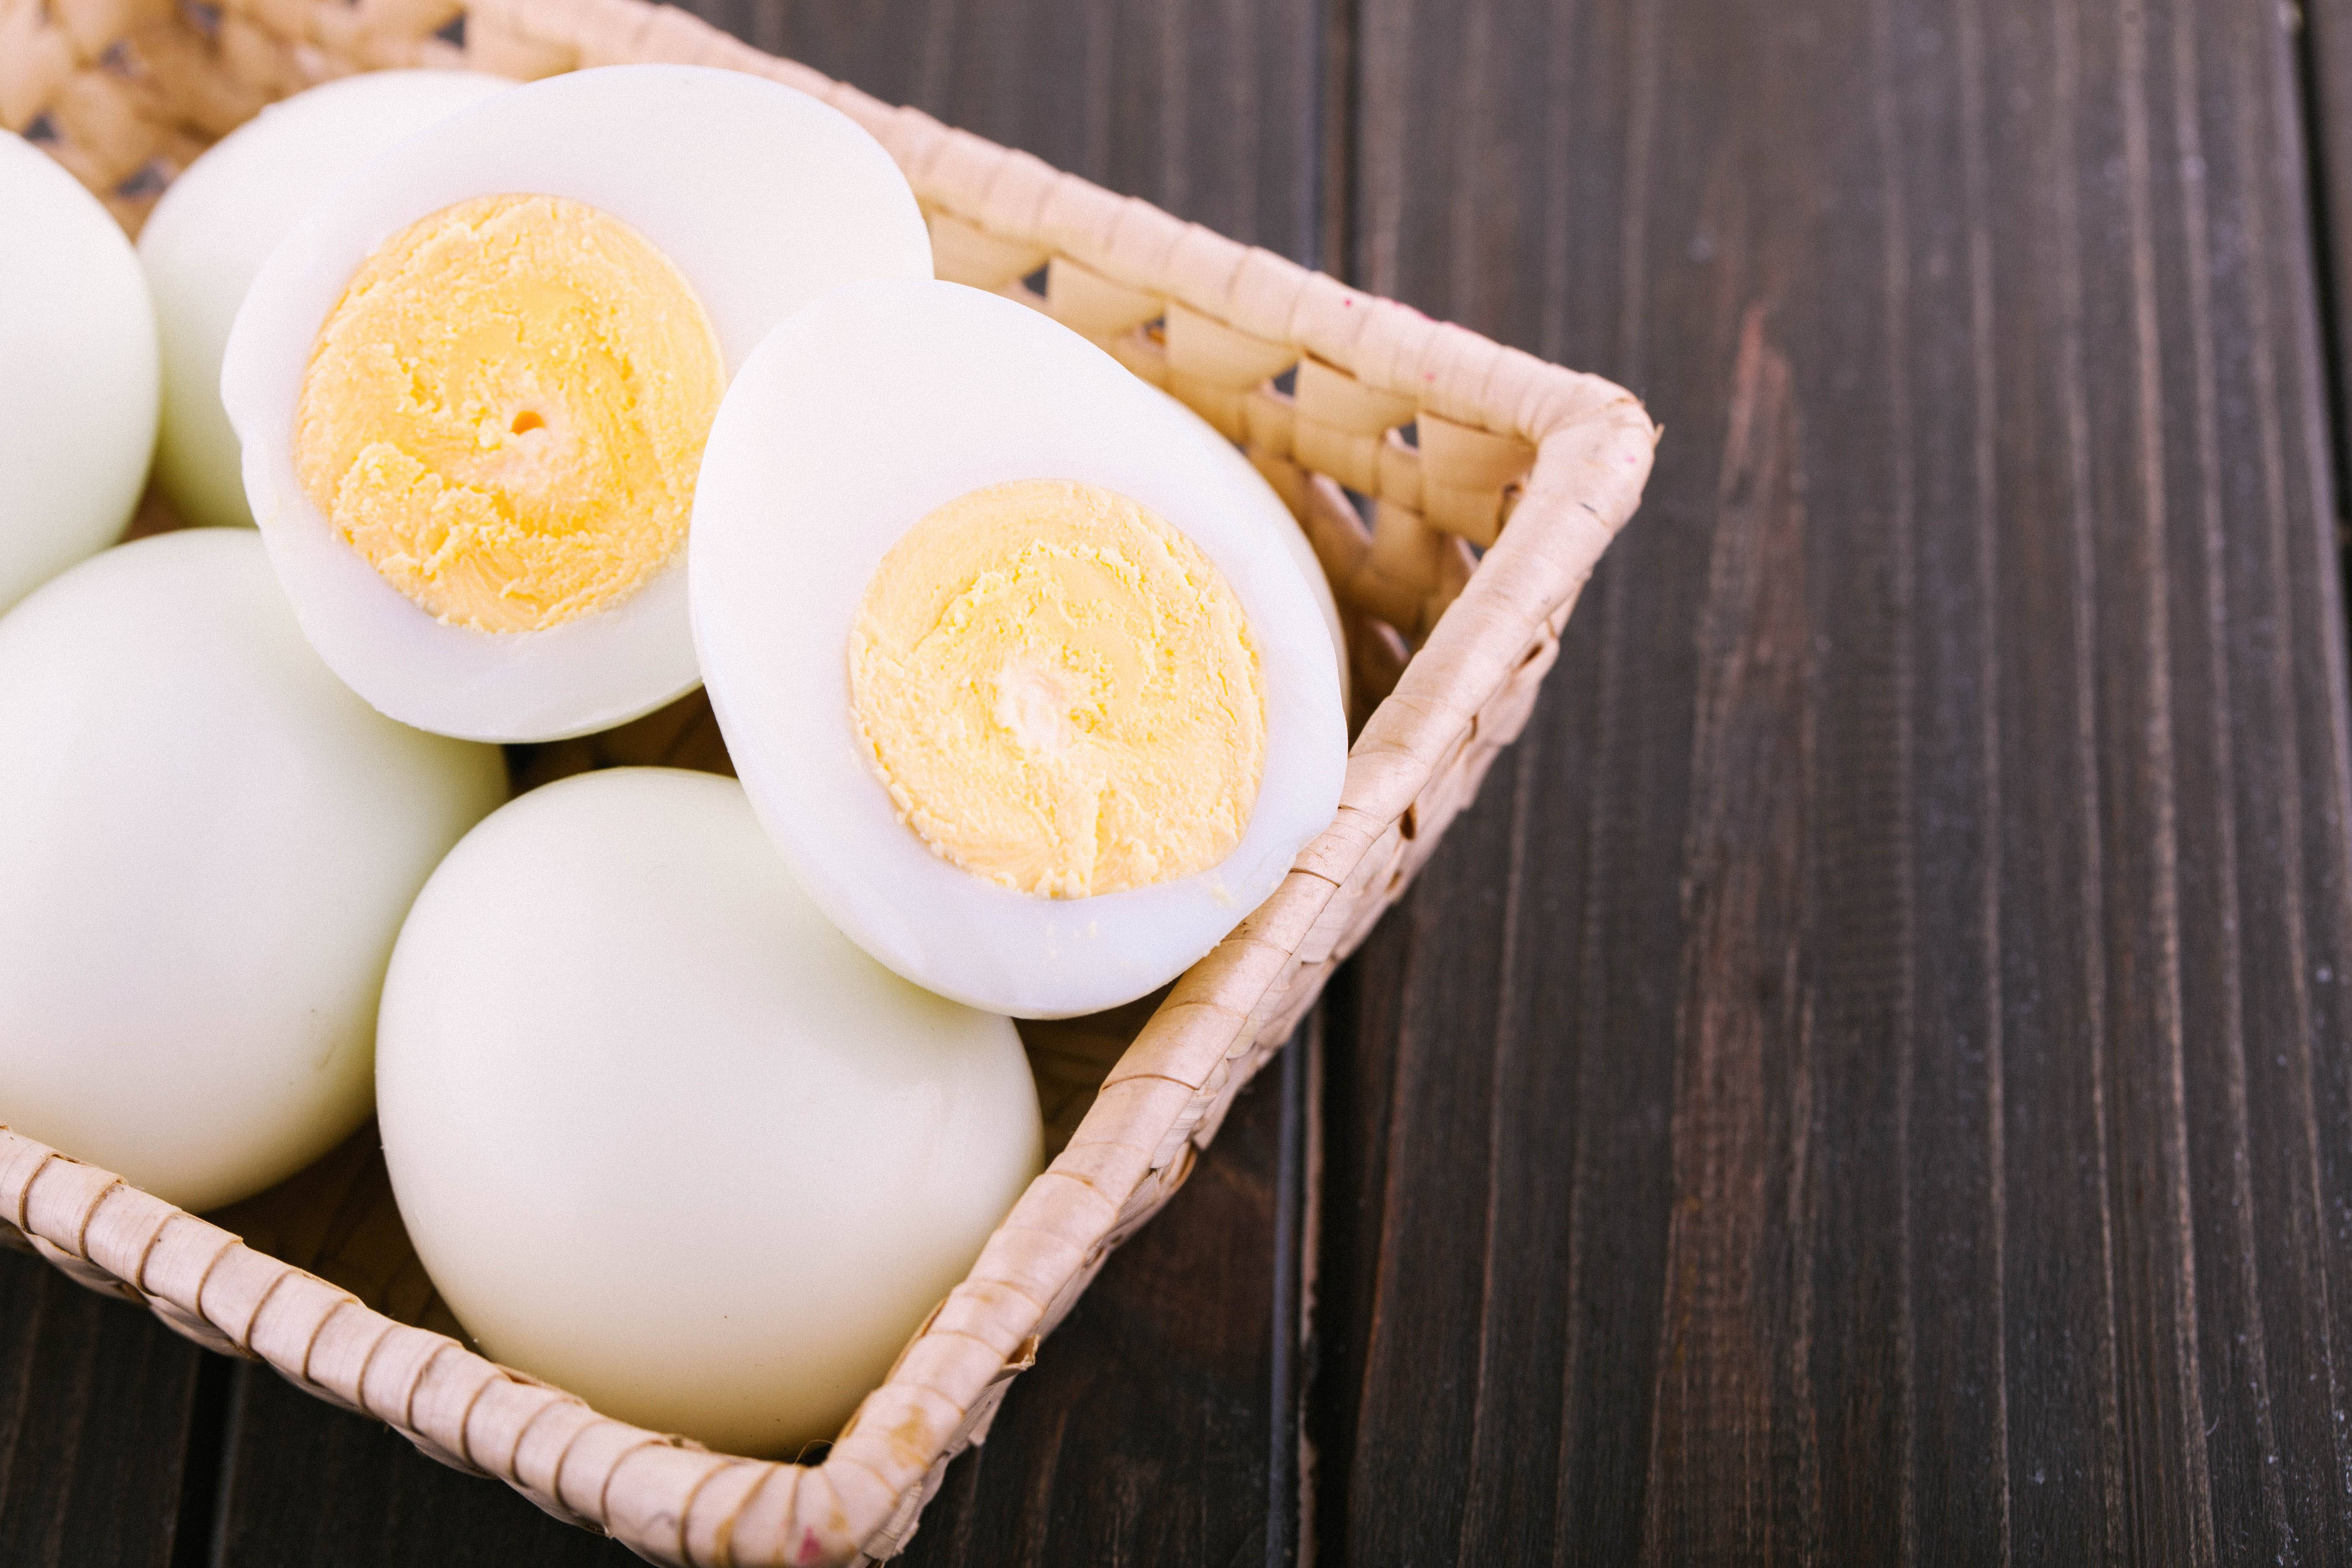 Как варить яйца идеально (вкрутую, в мешочек, всмятку, пашот) - статьи на повар.ру